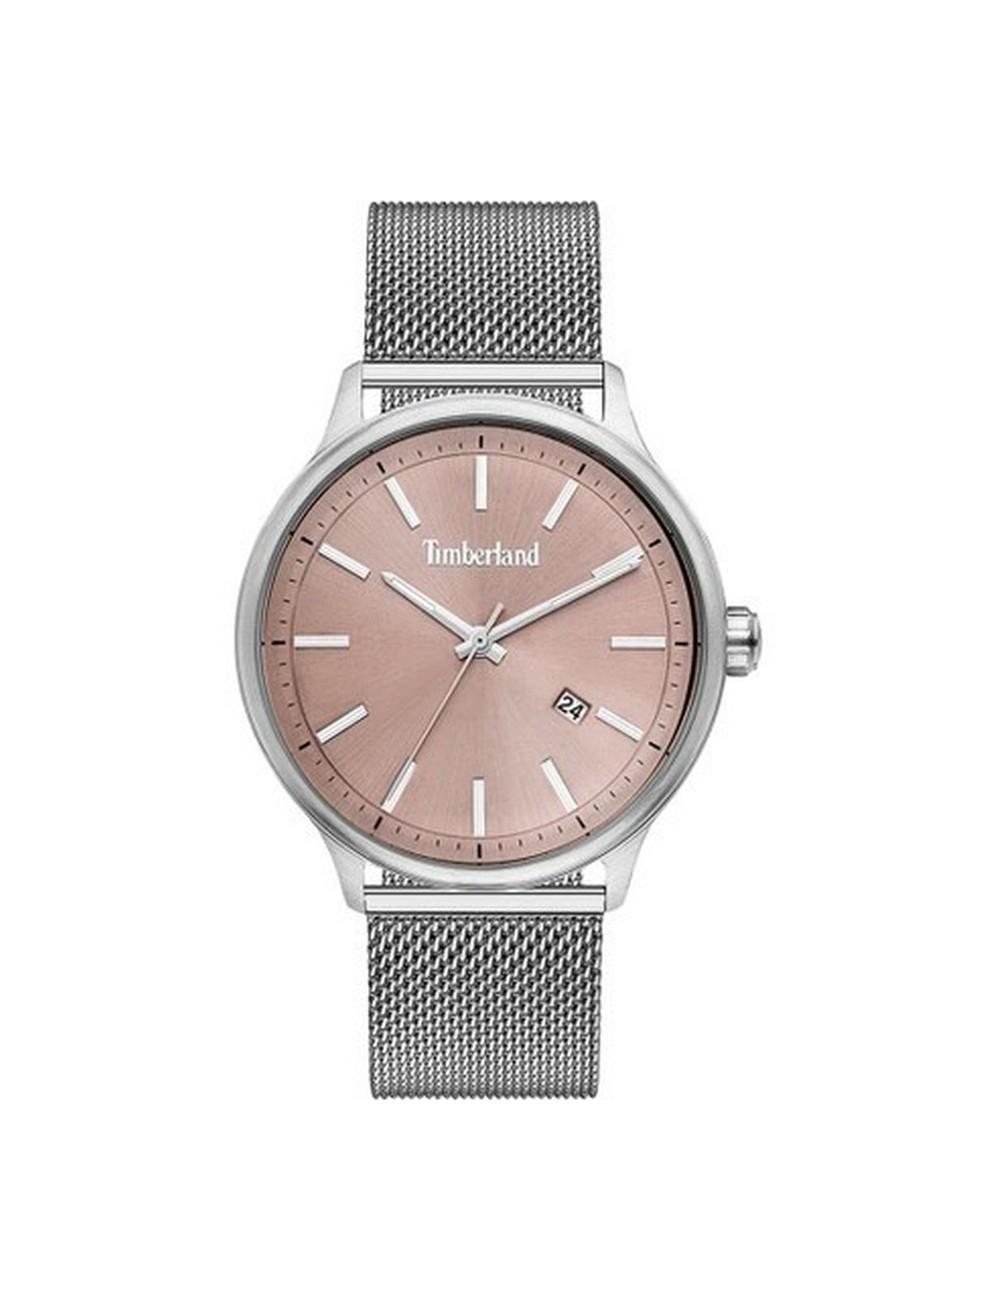 Pánske hodinky Timberland Allendale TBL.15638JS / 79MM